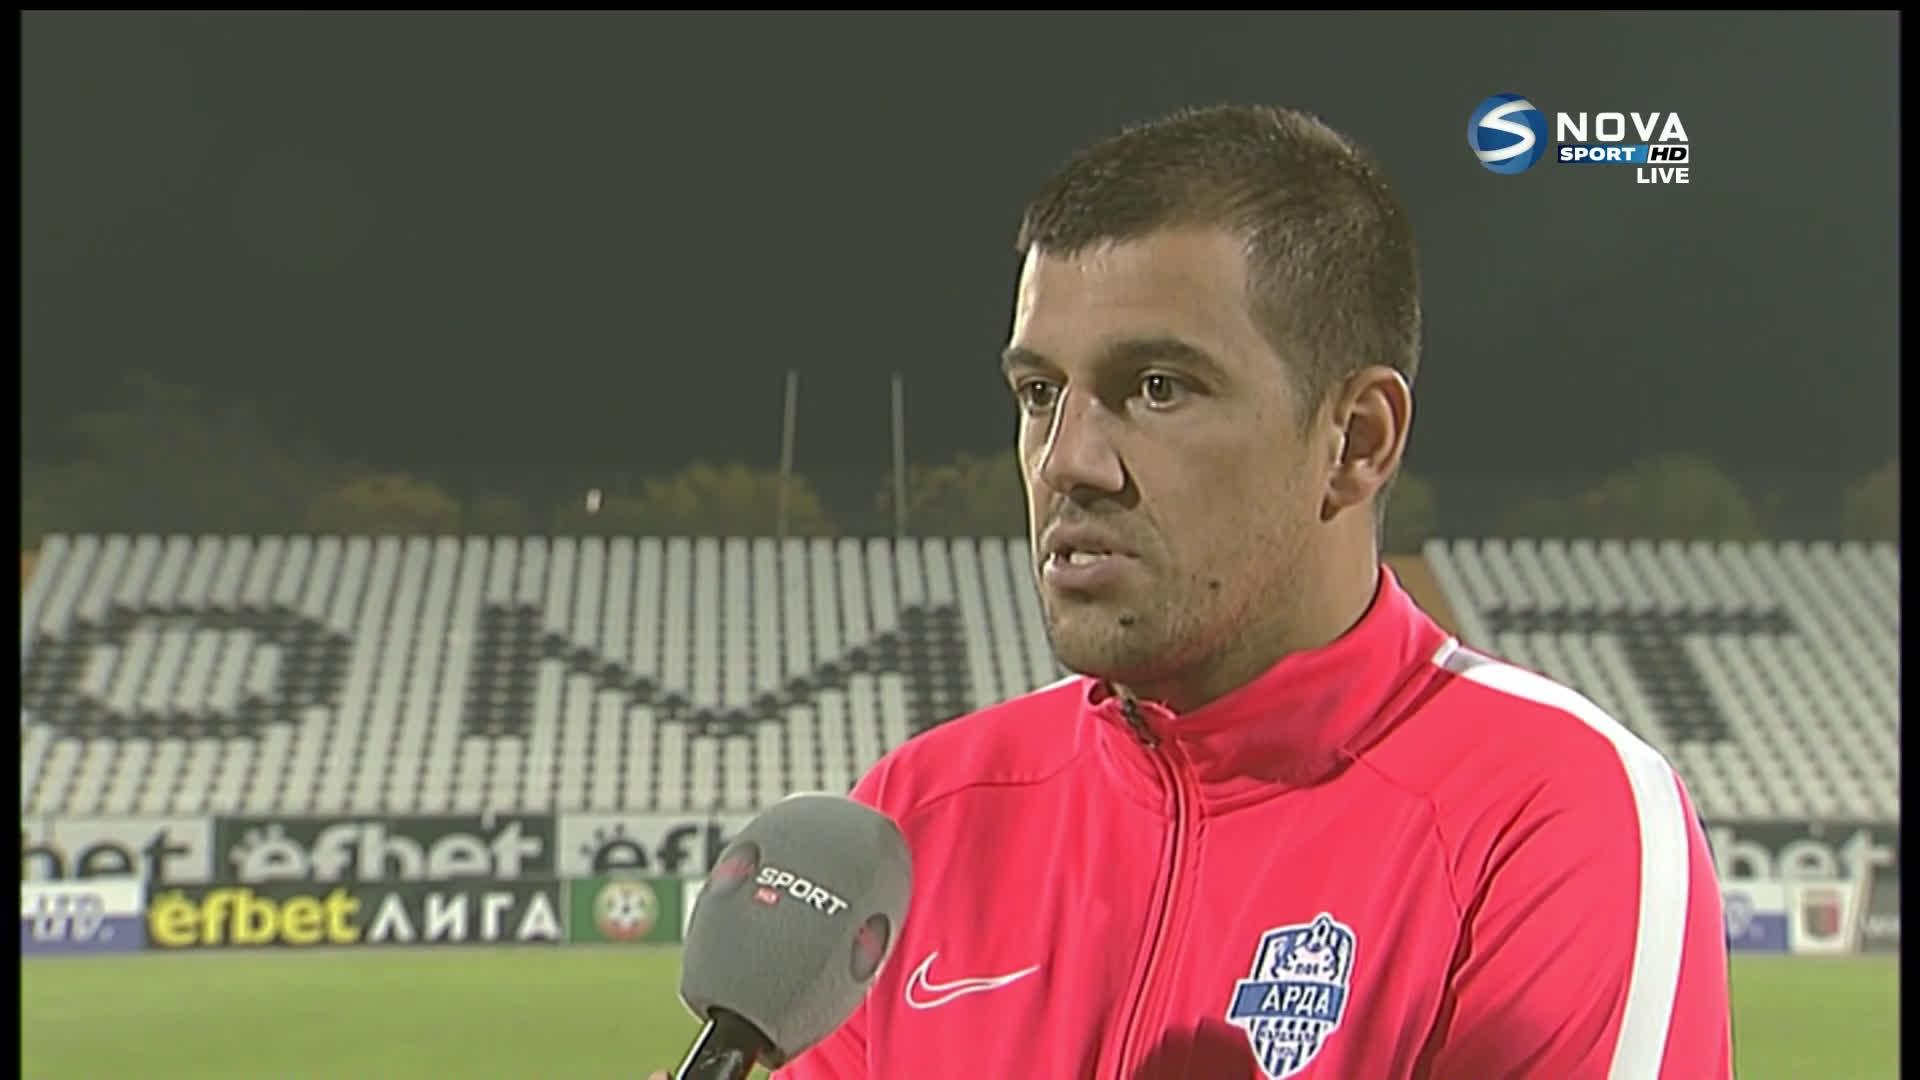 Караджов: Само с тренировки ще се върнем на победния път